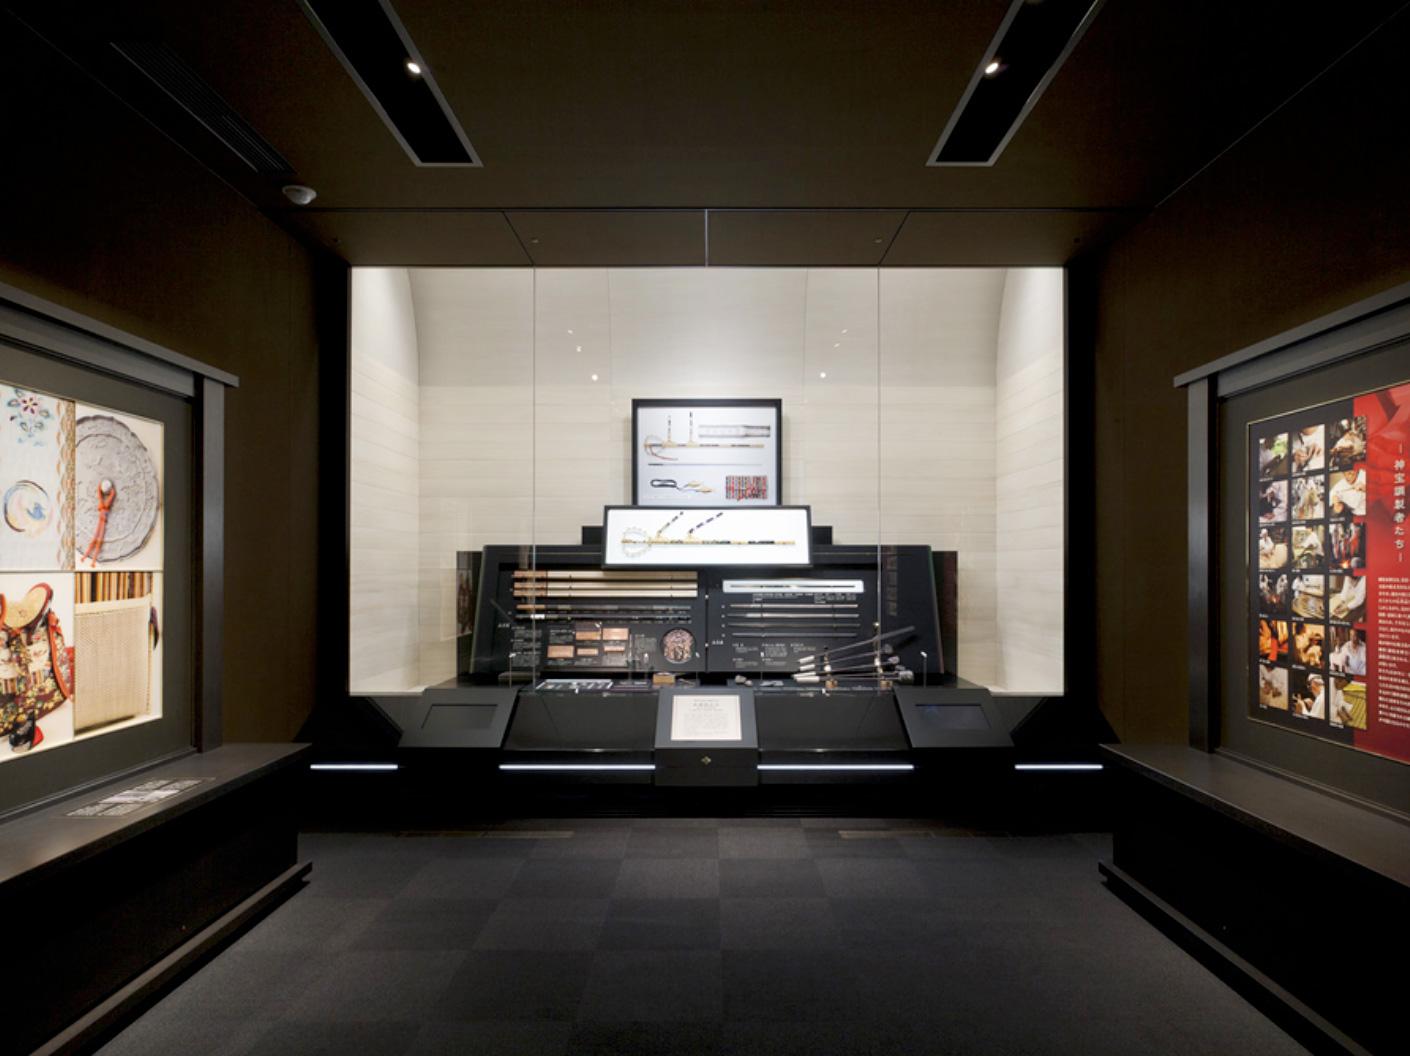 伊勢神宮外宮にある『式年遷宮記念せんぐう館』という博物館